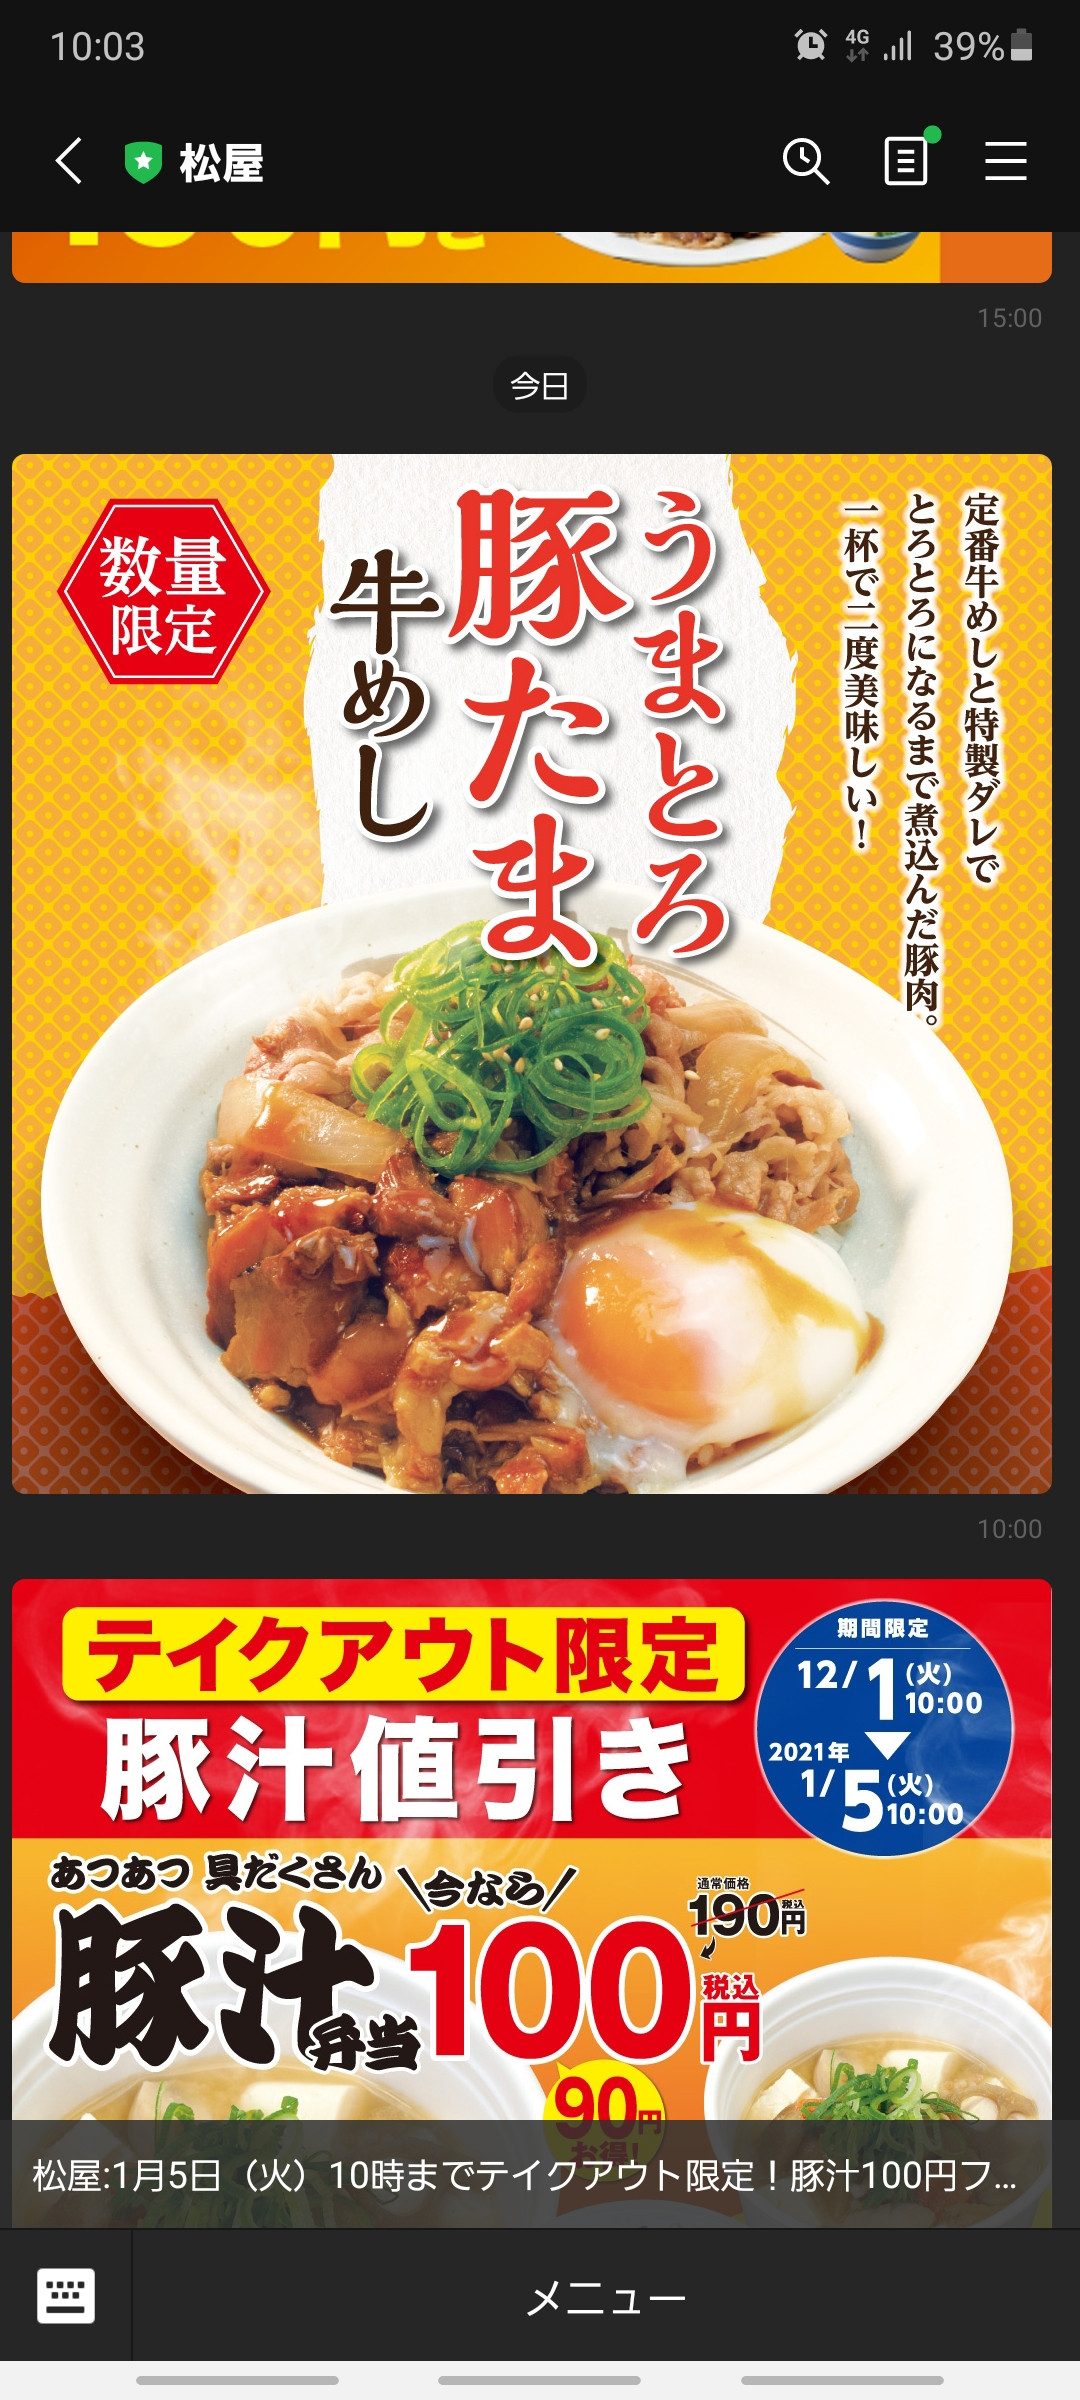 【朗報】松屋のうまとろ豚たま牛めし、めちゃめちゃ美味しそう!